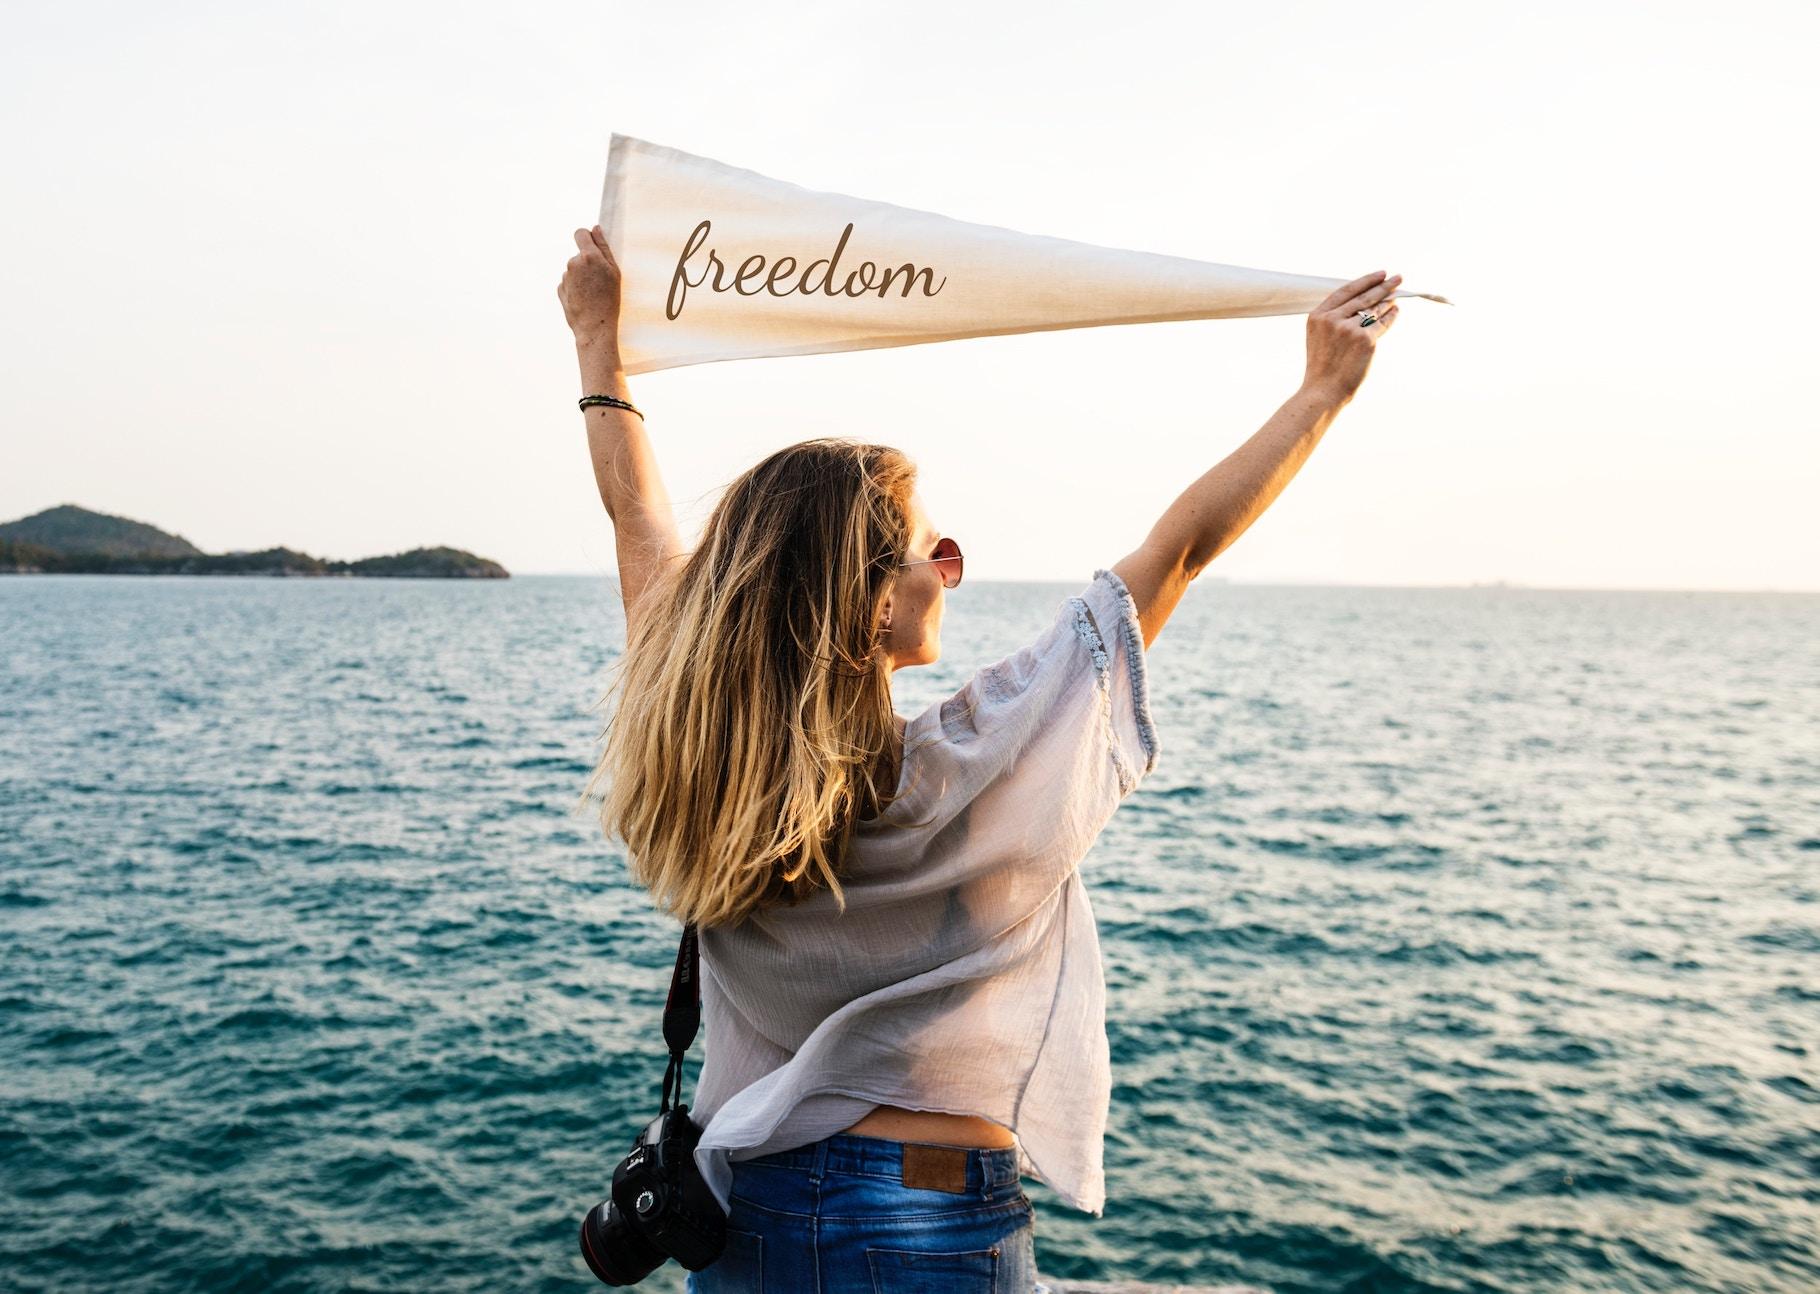 45% українців ставлять свободу вище матеріальних благ — дослідження